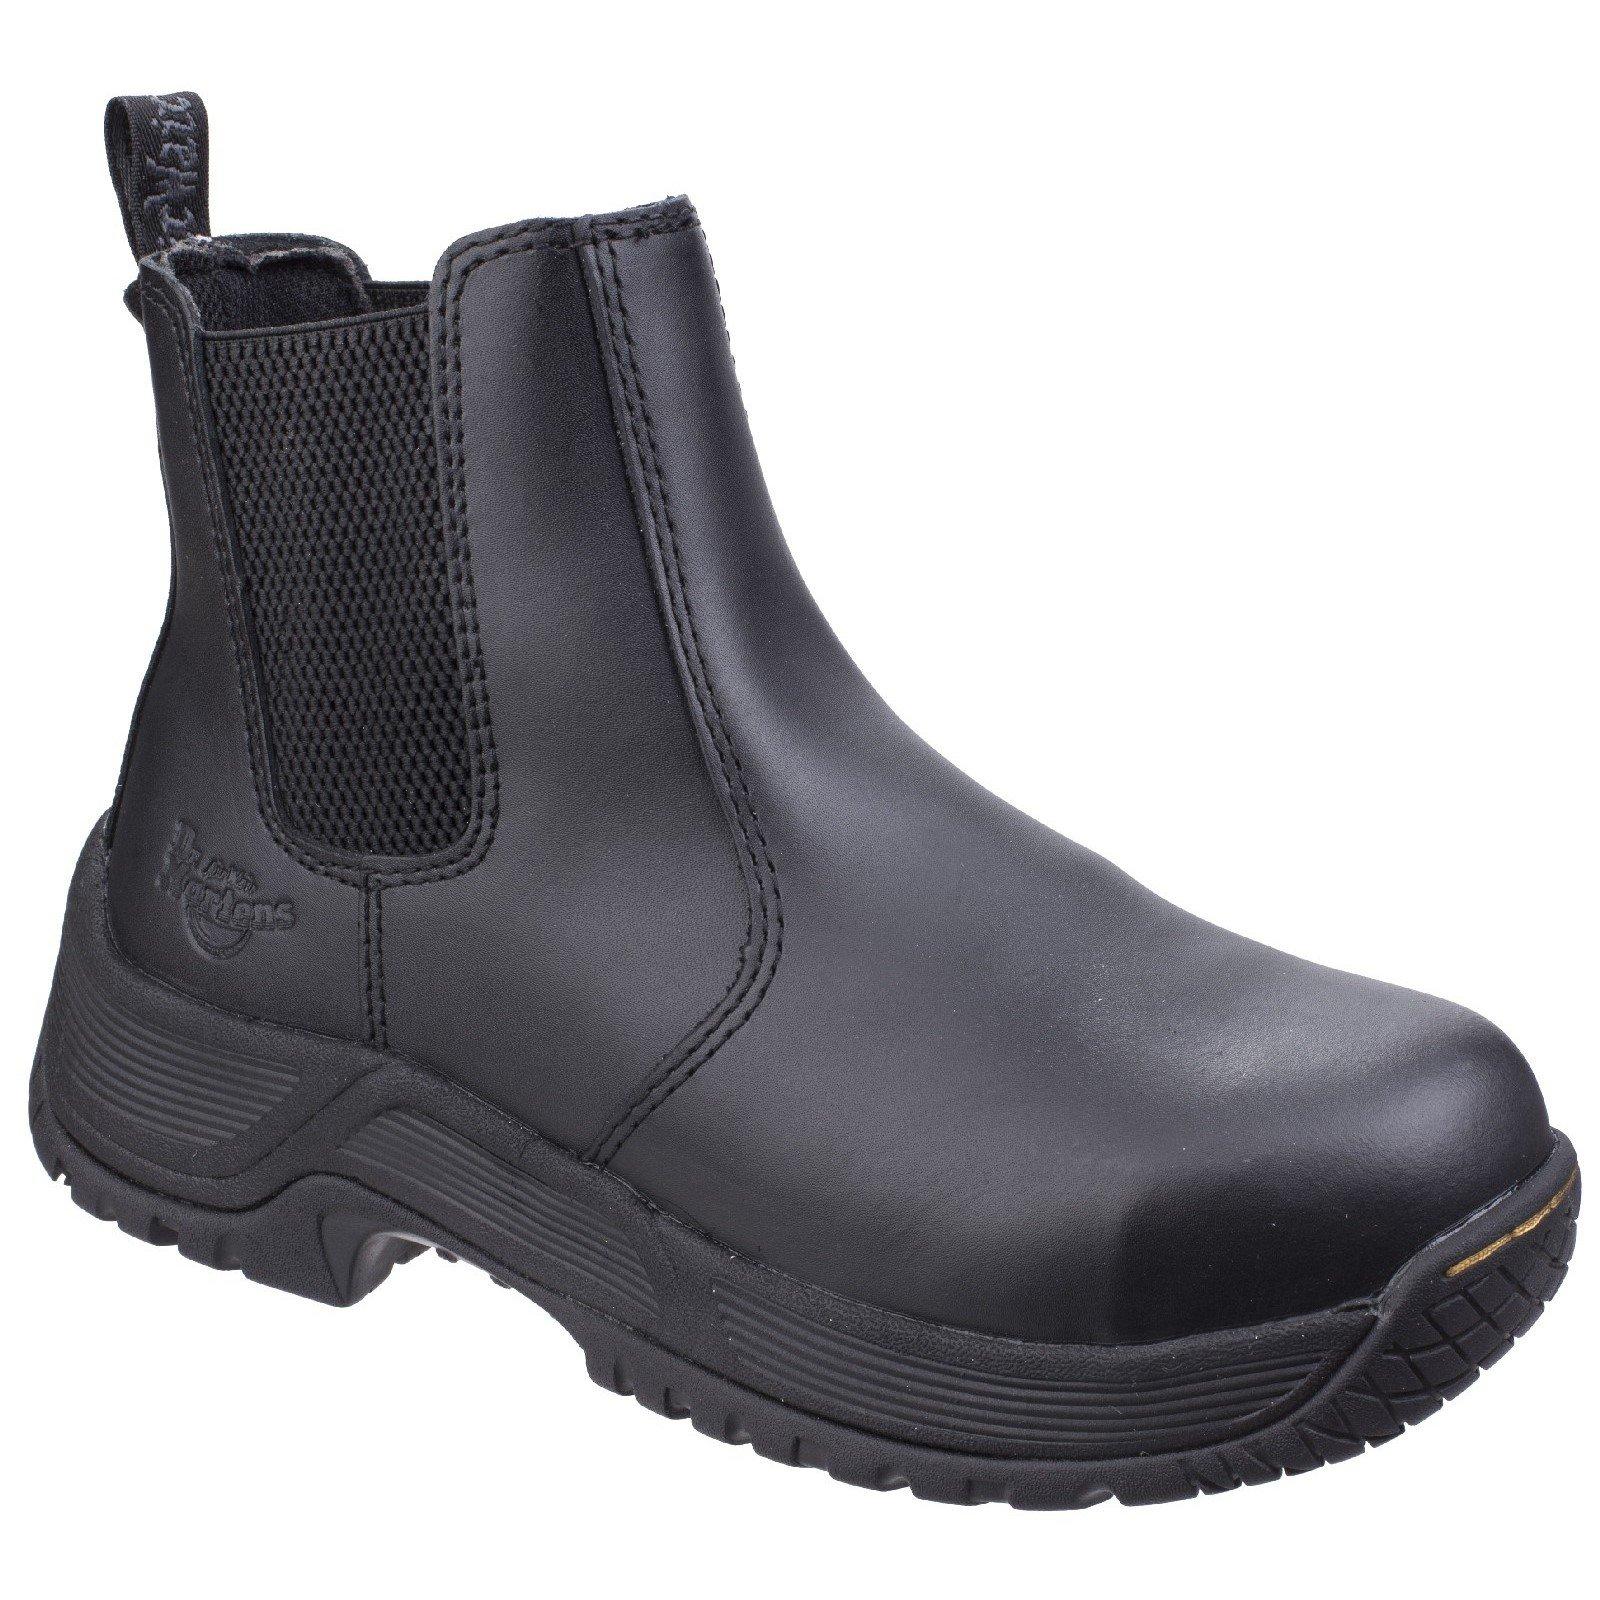 Dr Martens Men's Drakelow Safety Boot Black 26021 - Black 3